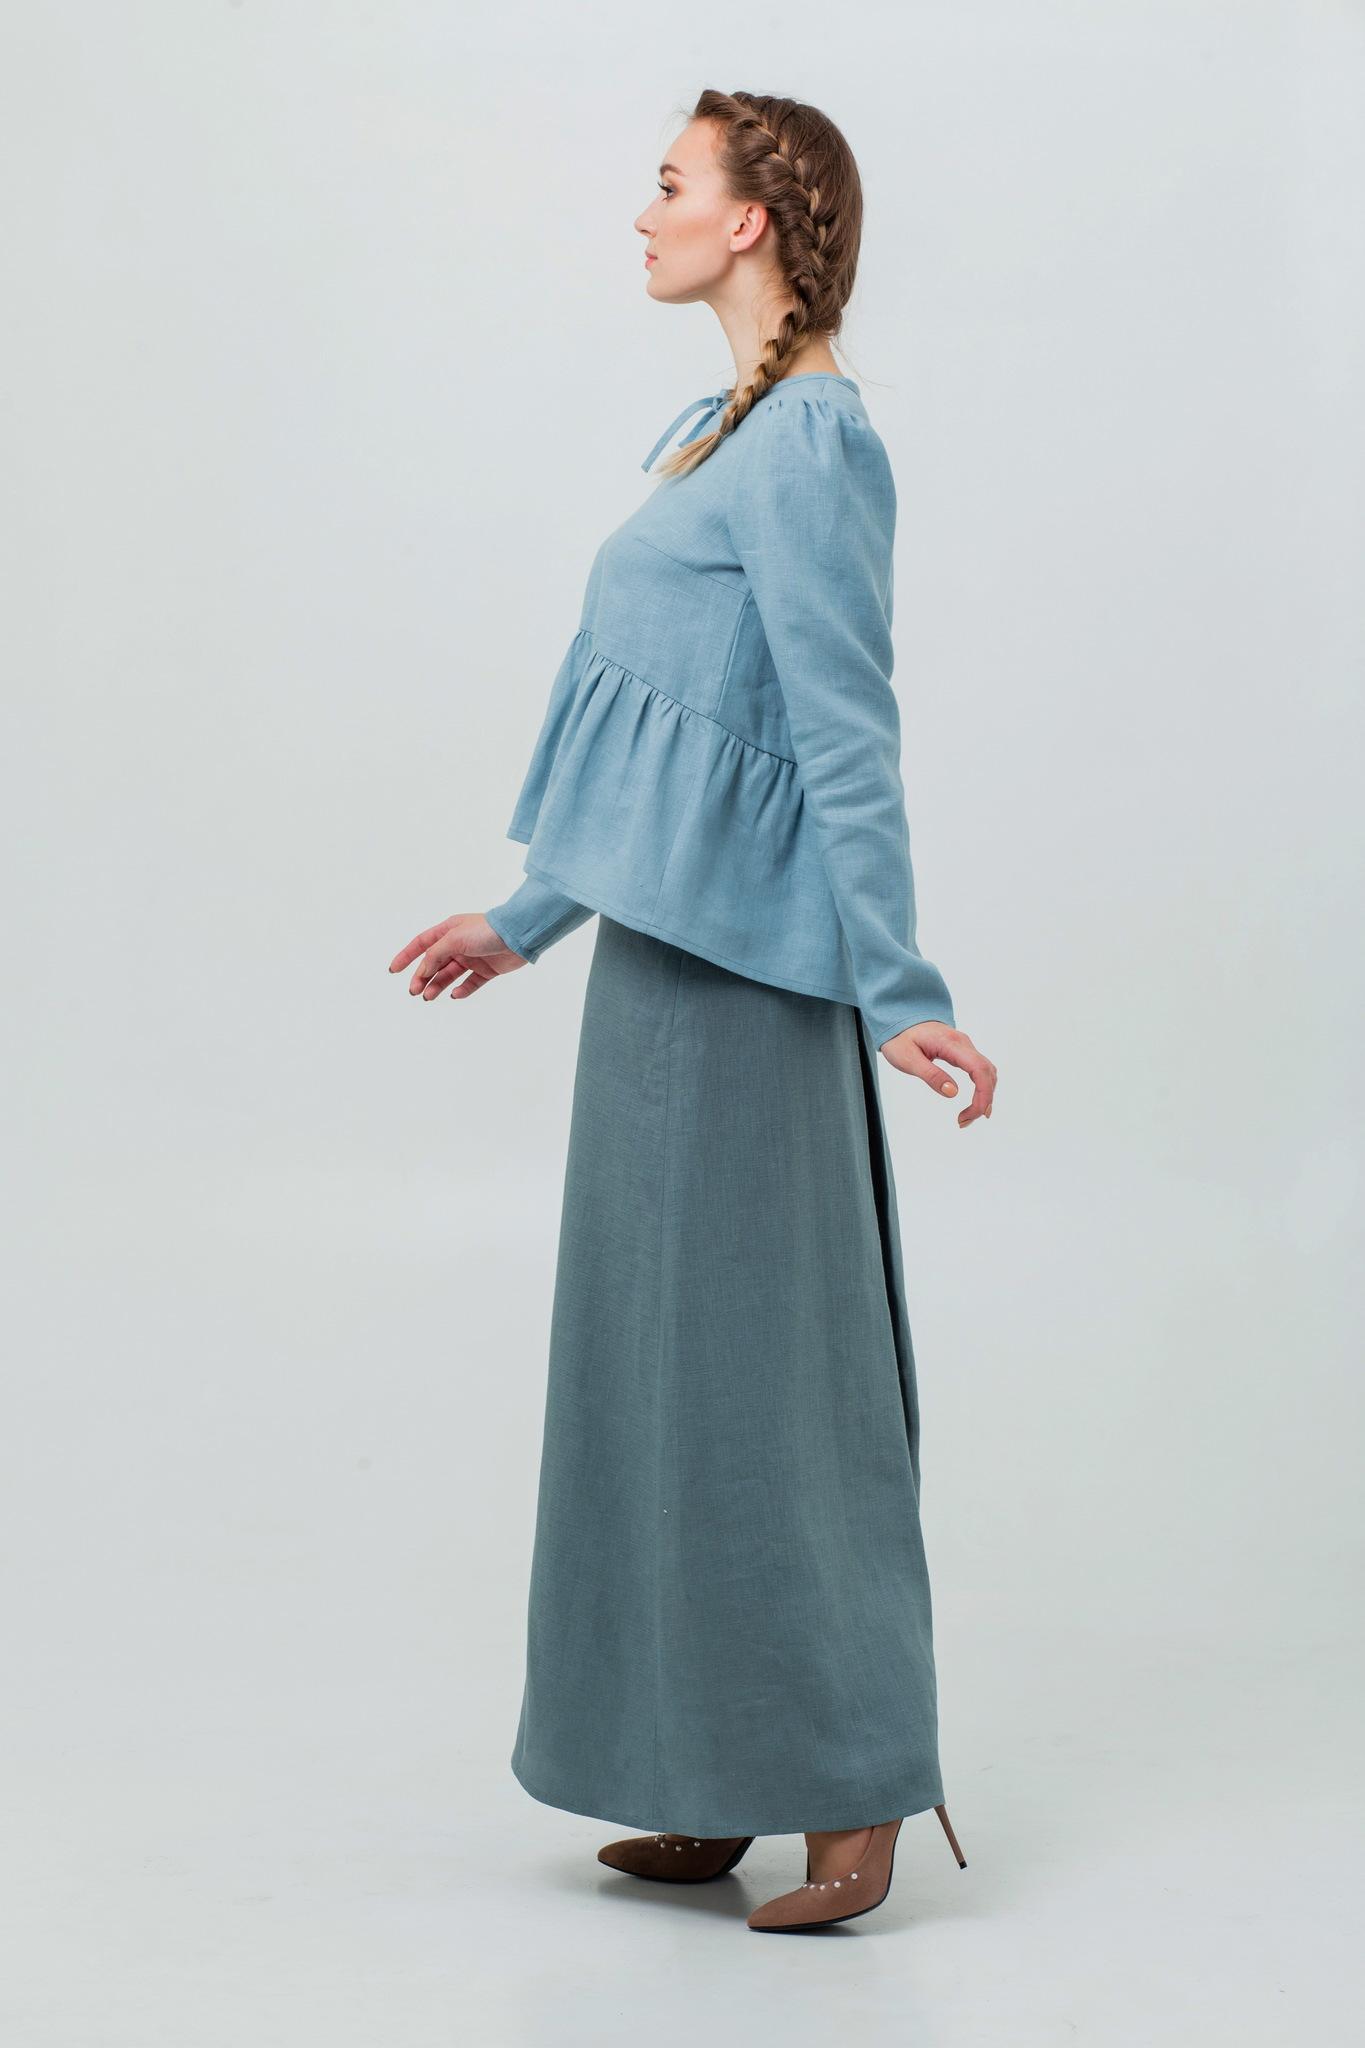 Льняная юбка в русском стиле Шалфей